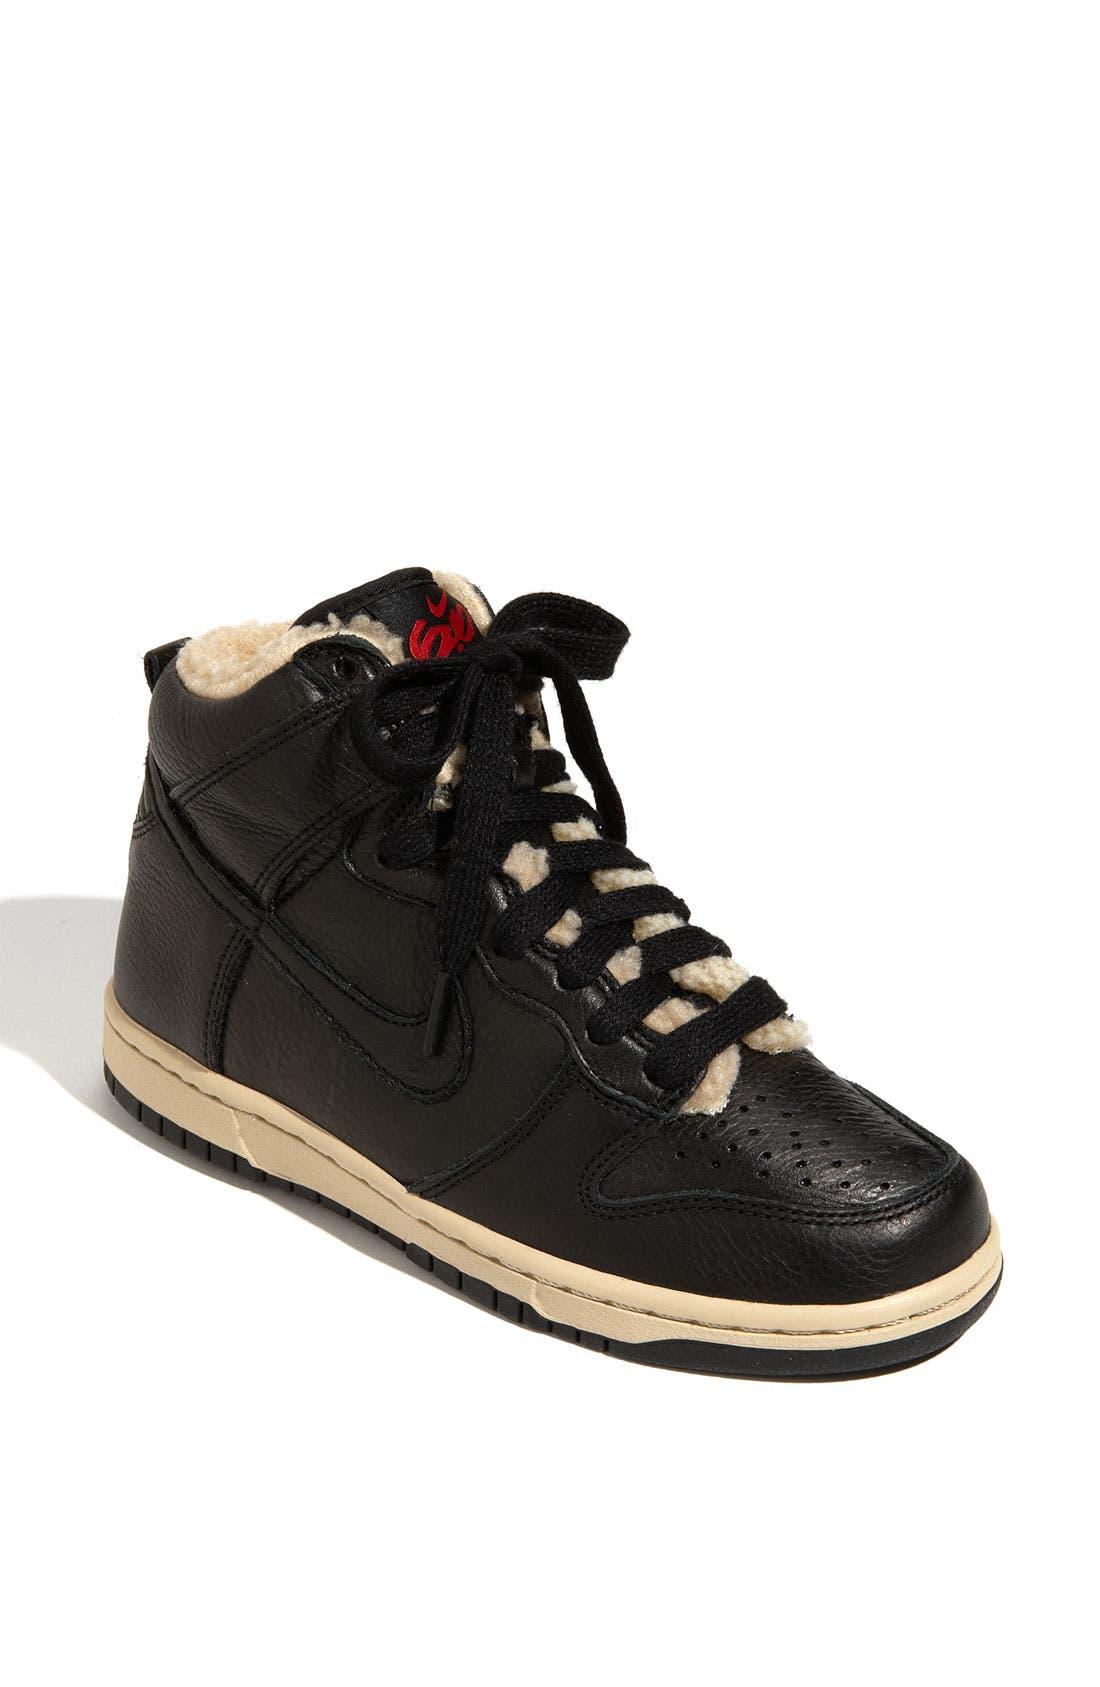 Alternate Image 1 Selected - Nike 'Dunk Hi 6.0 Premium' Sneaker